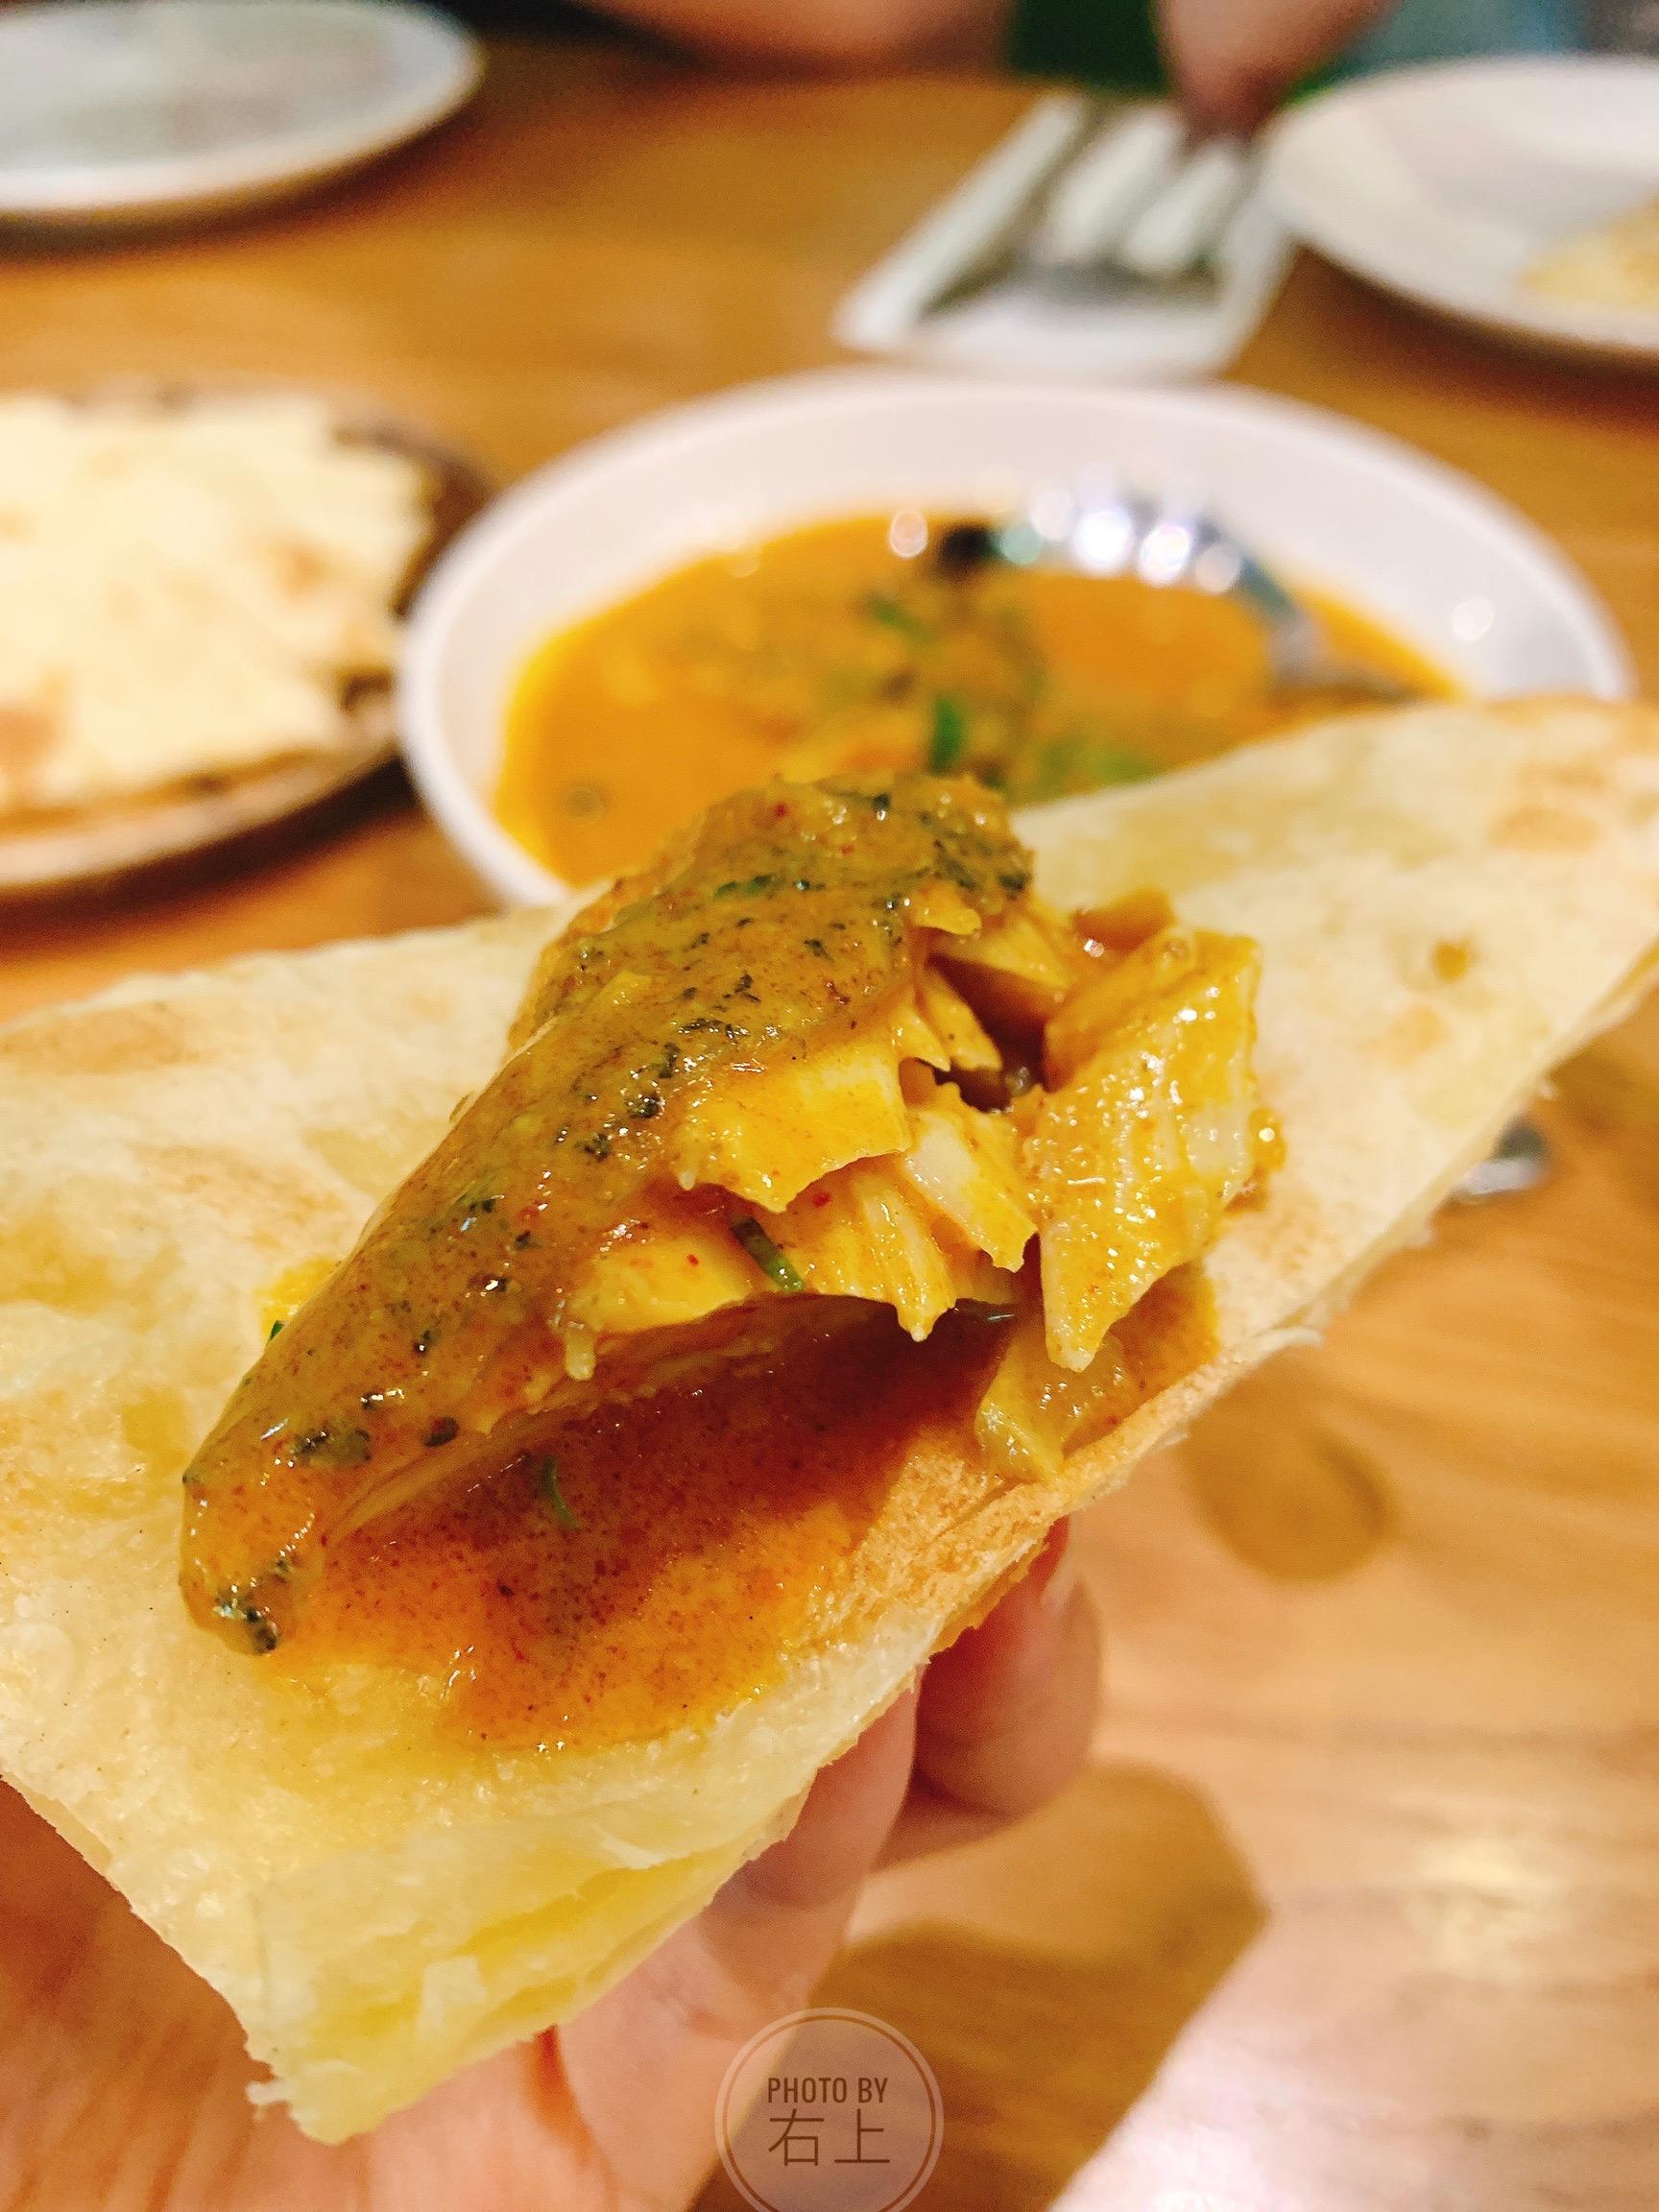 松江南京美食 Joseph Bistro想想廚房:米其林認證,平日也滿座!印度咖哩與烤雞超美味 @右上的世界食旅